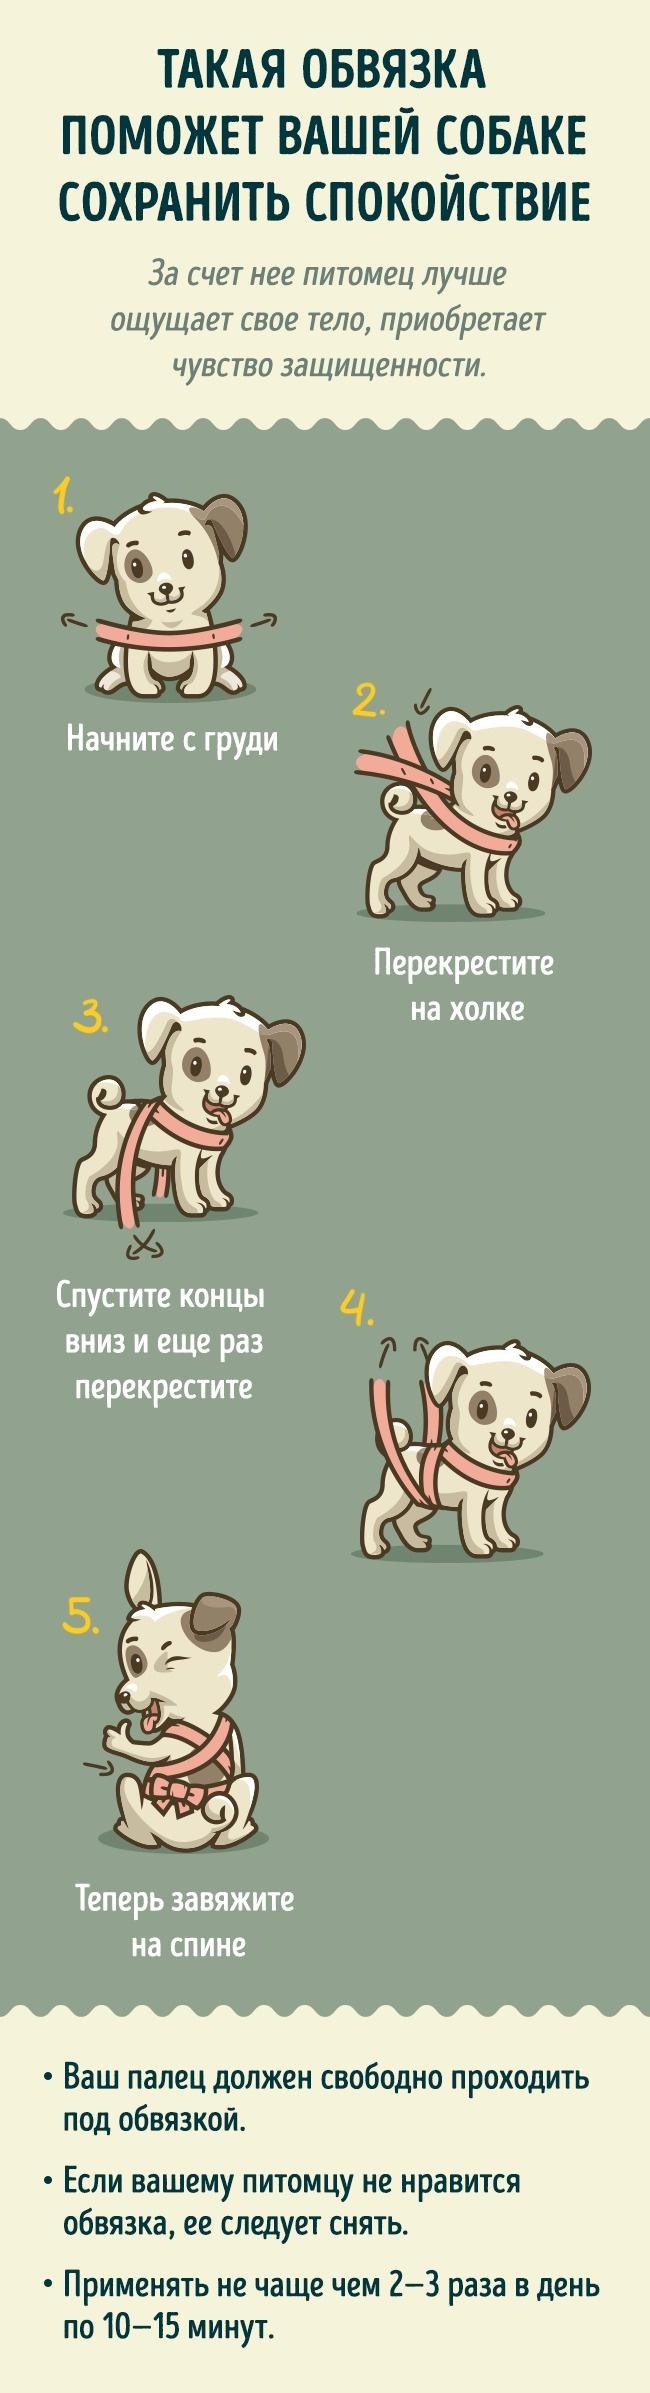 Источник thedodo Иллюстратор Victor Senin специально для fotojoin.ru